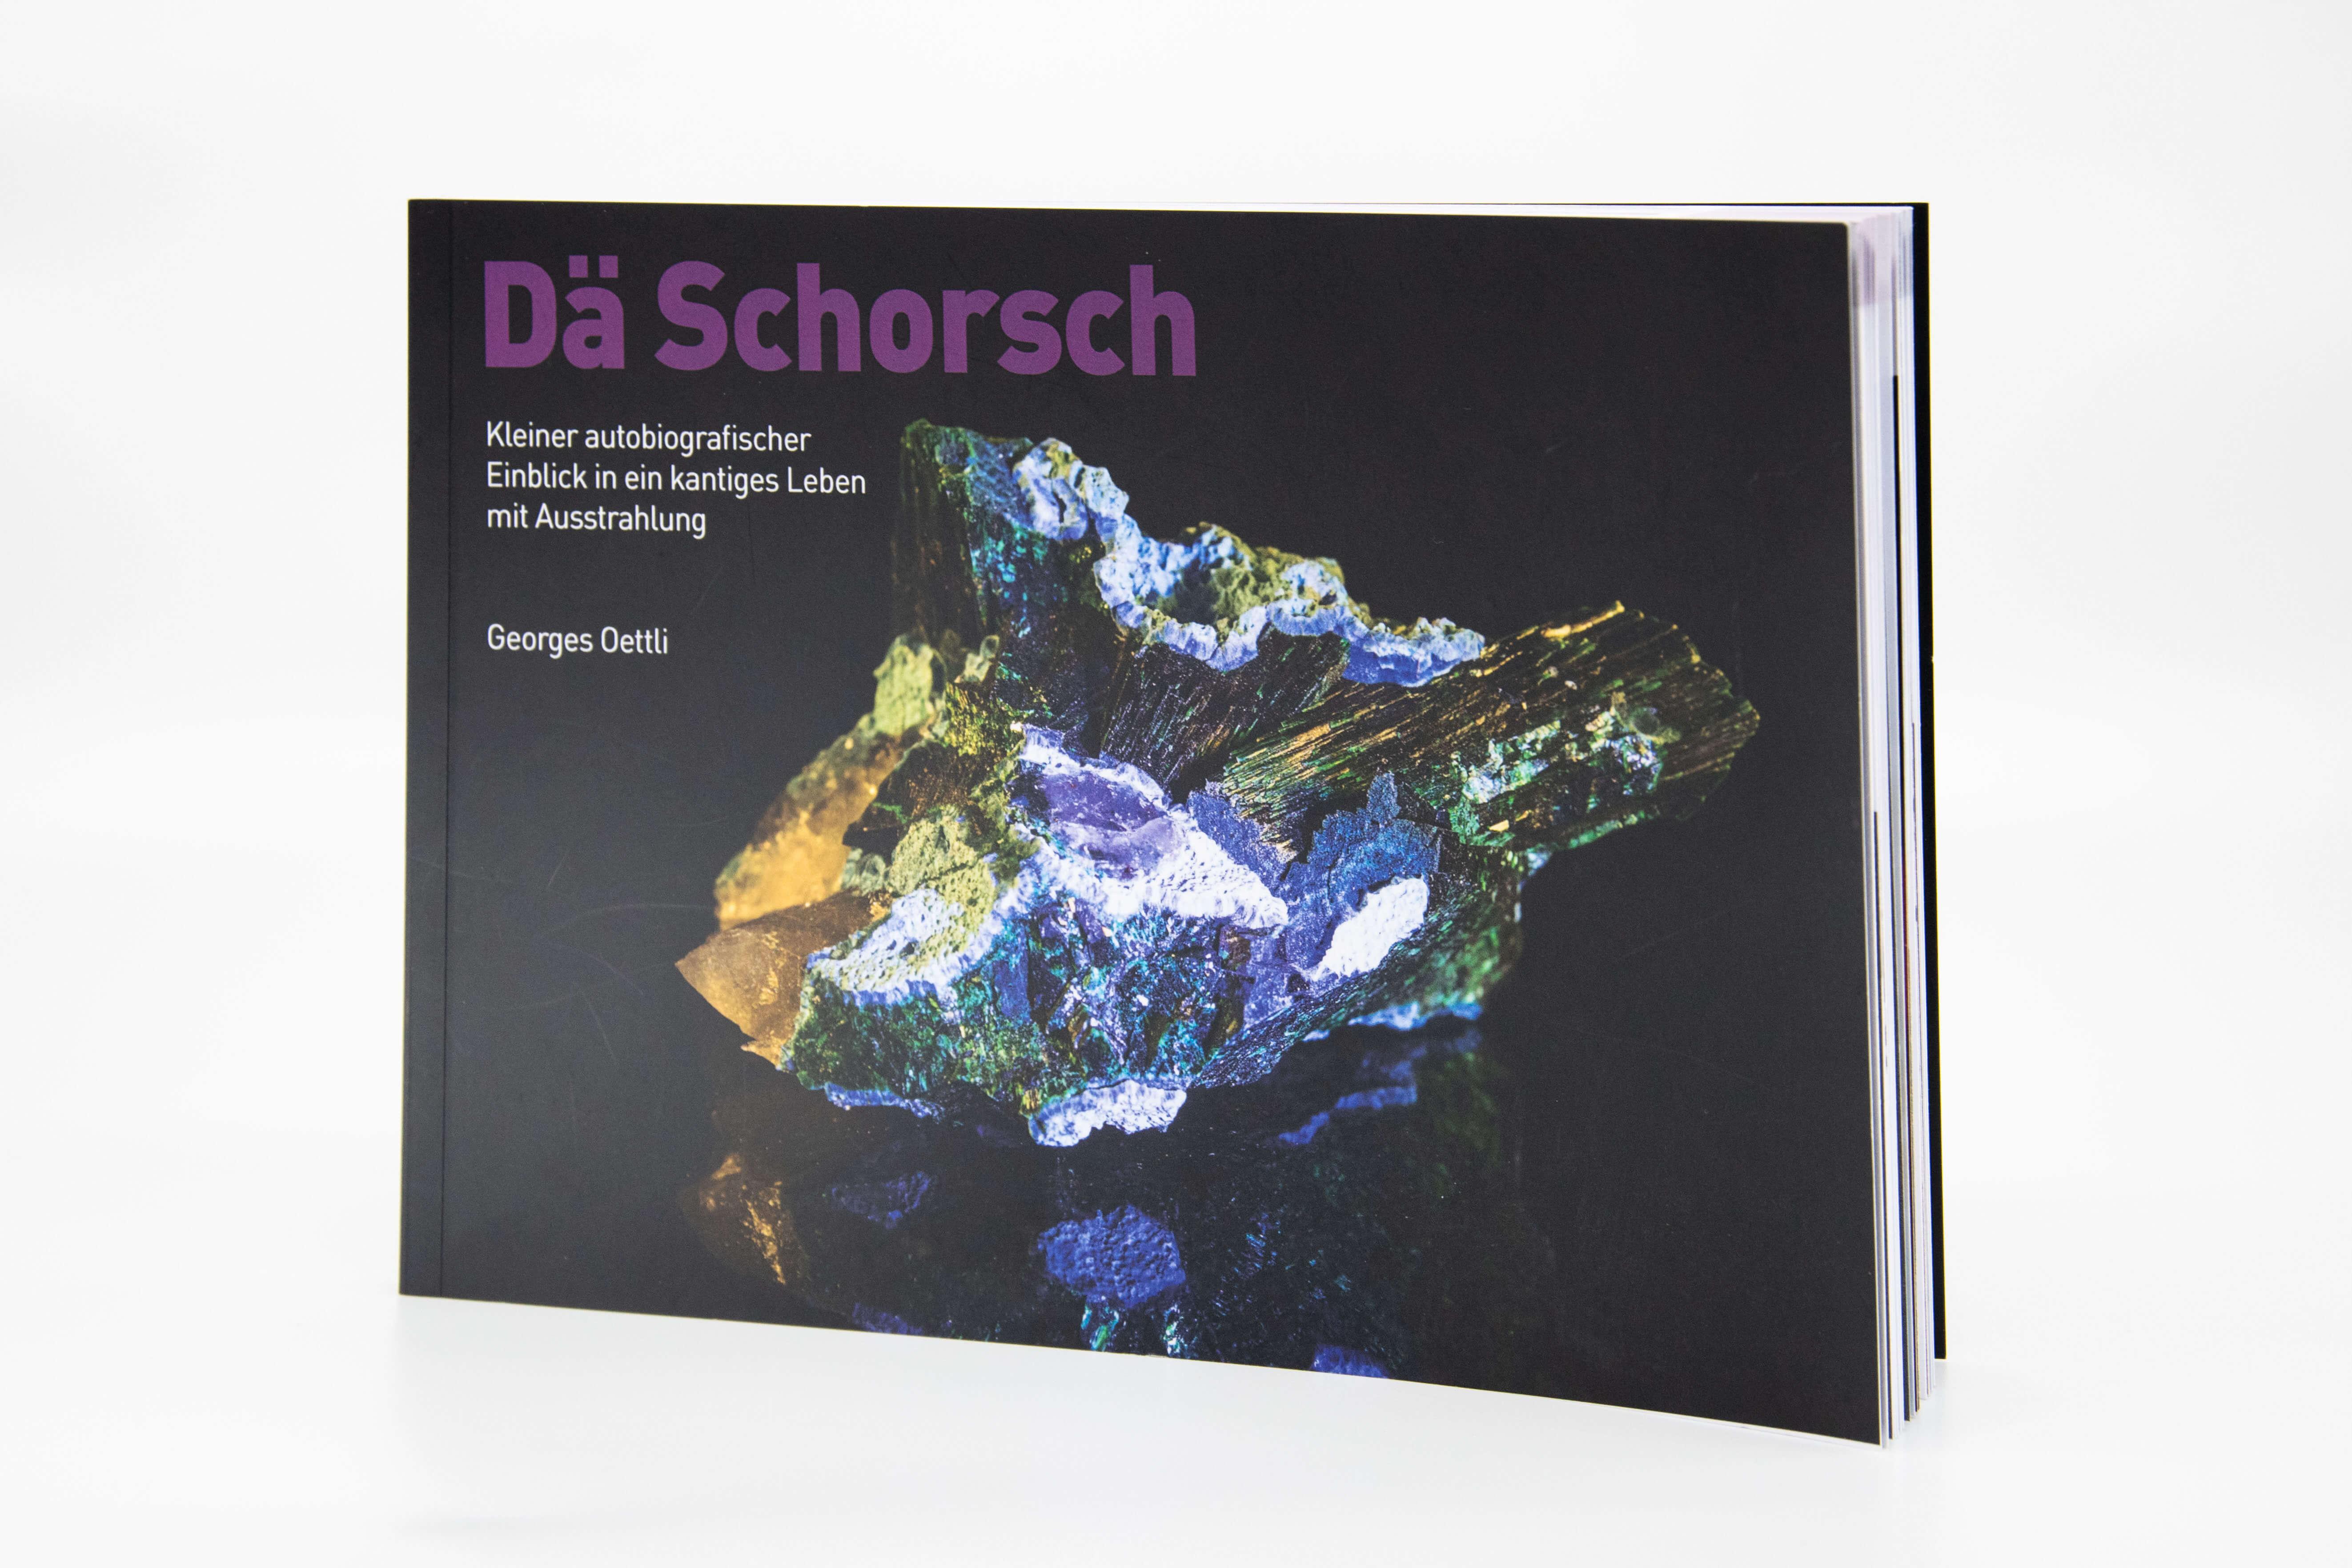 Bild von Buch Dä Schorsch